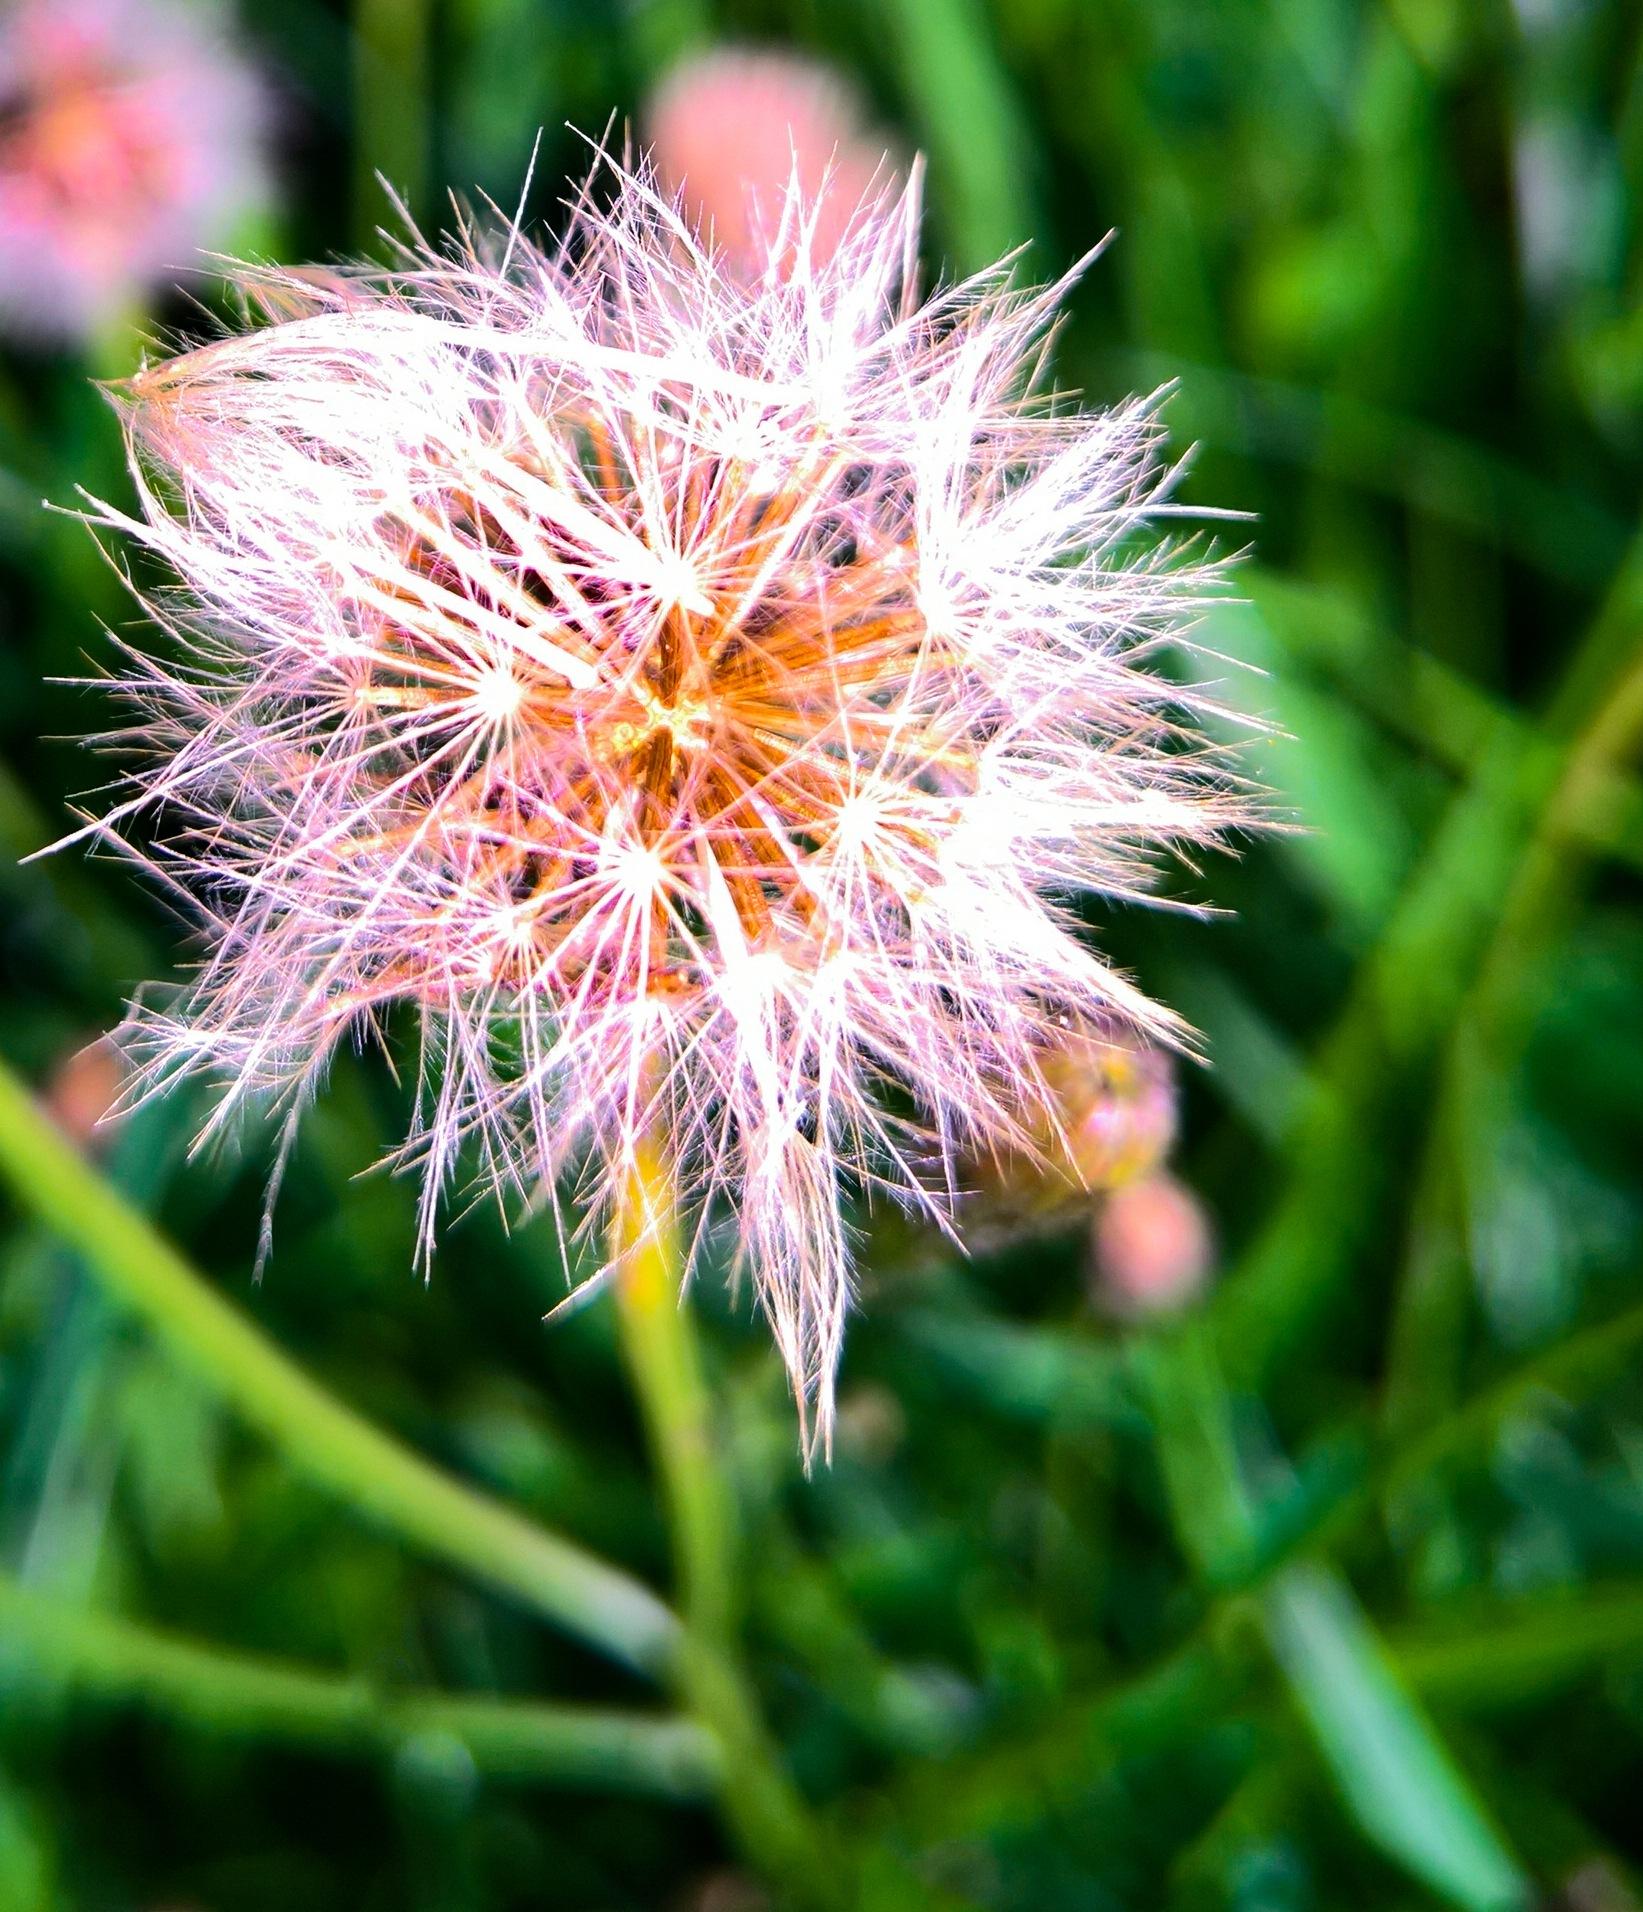 flower by Thomas Adamski